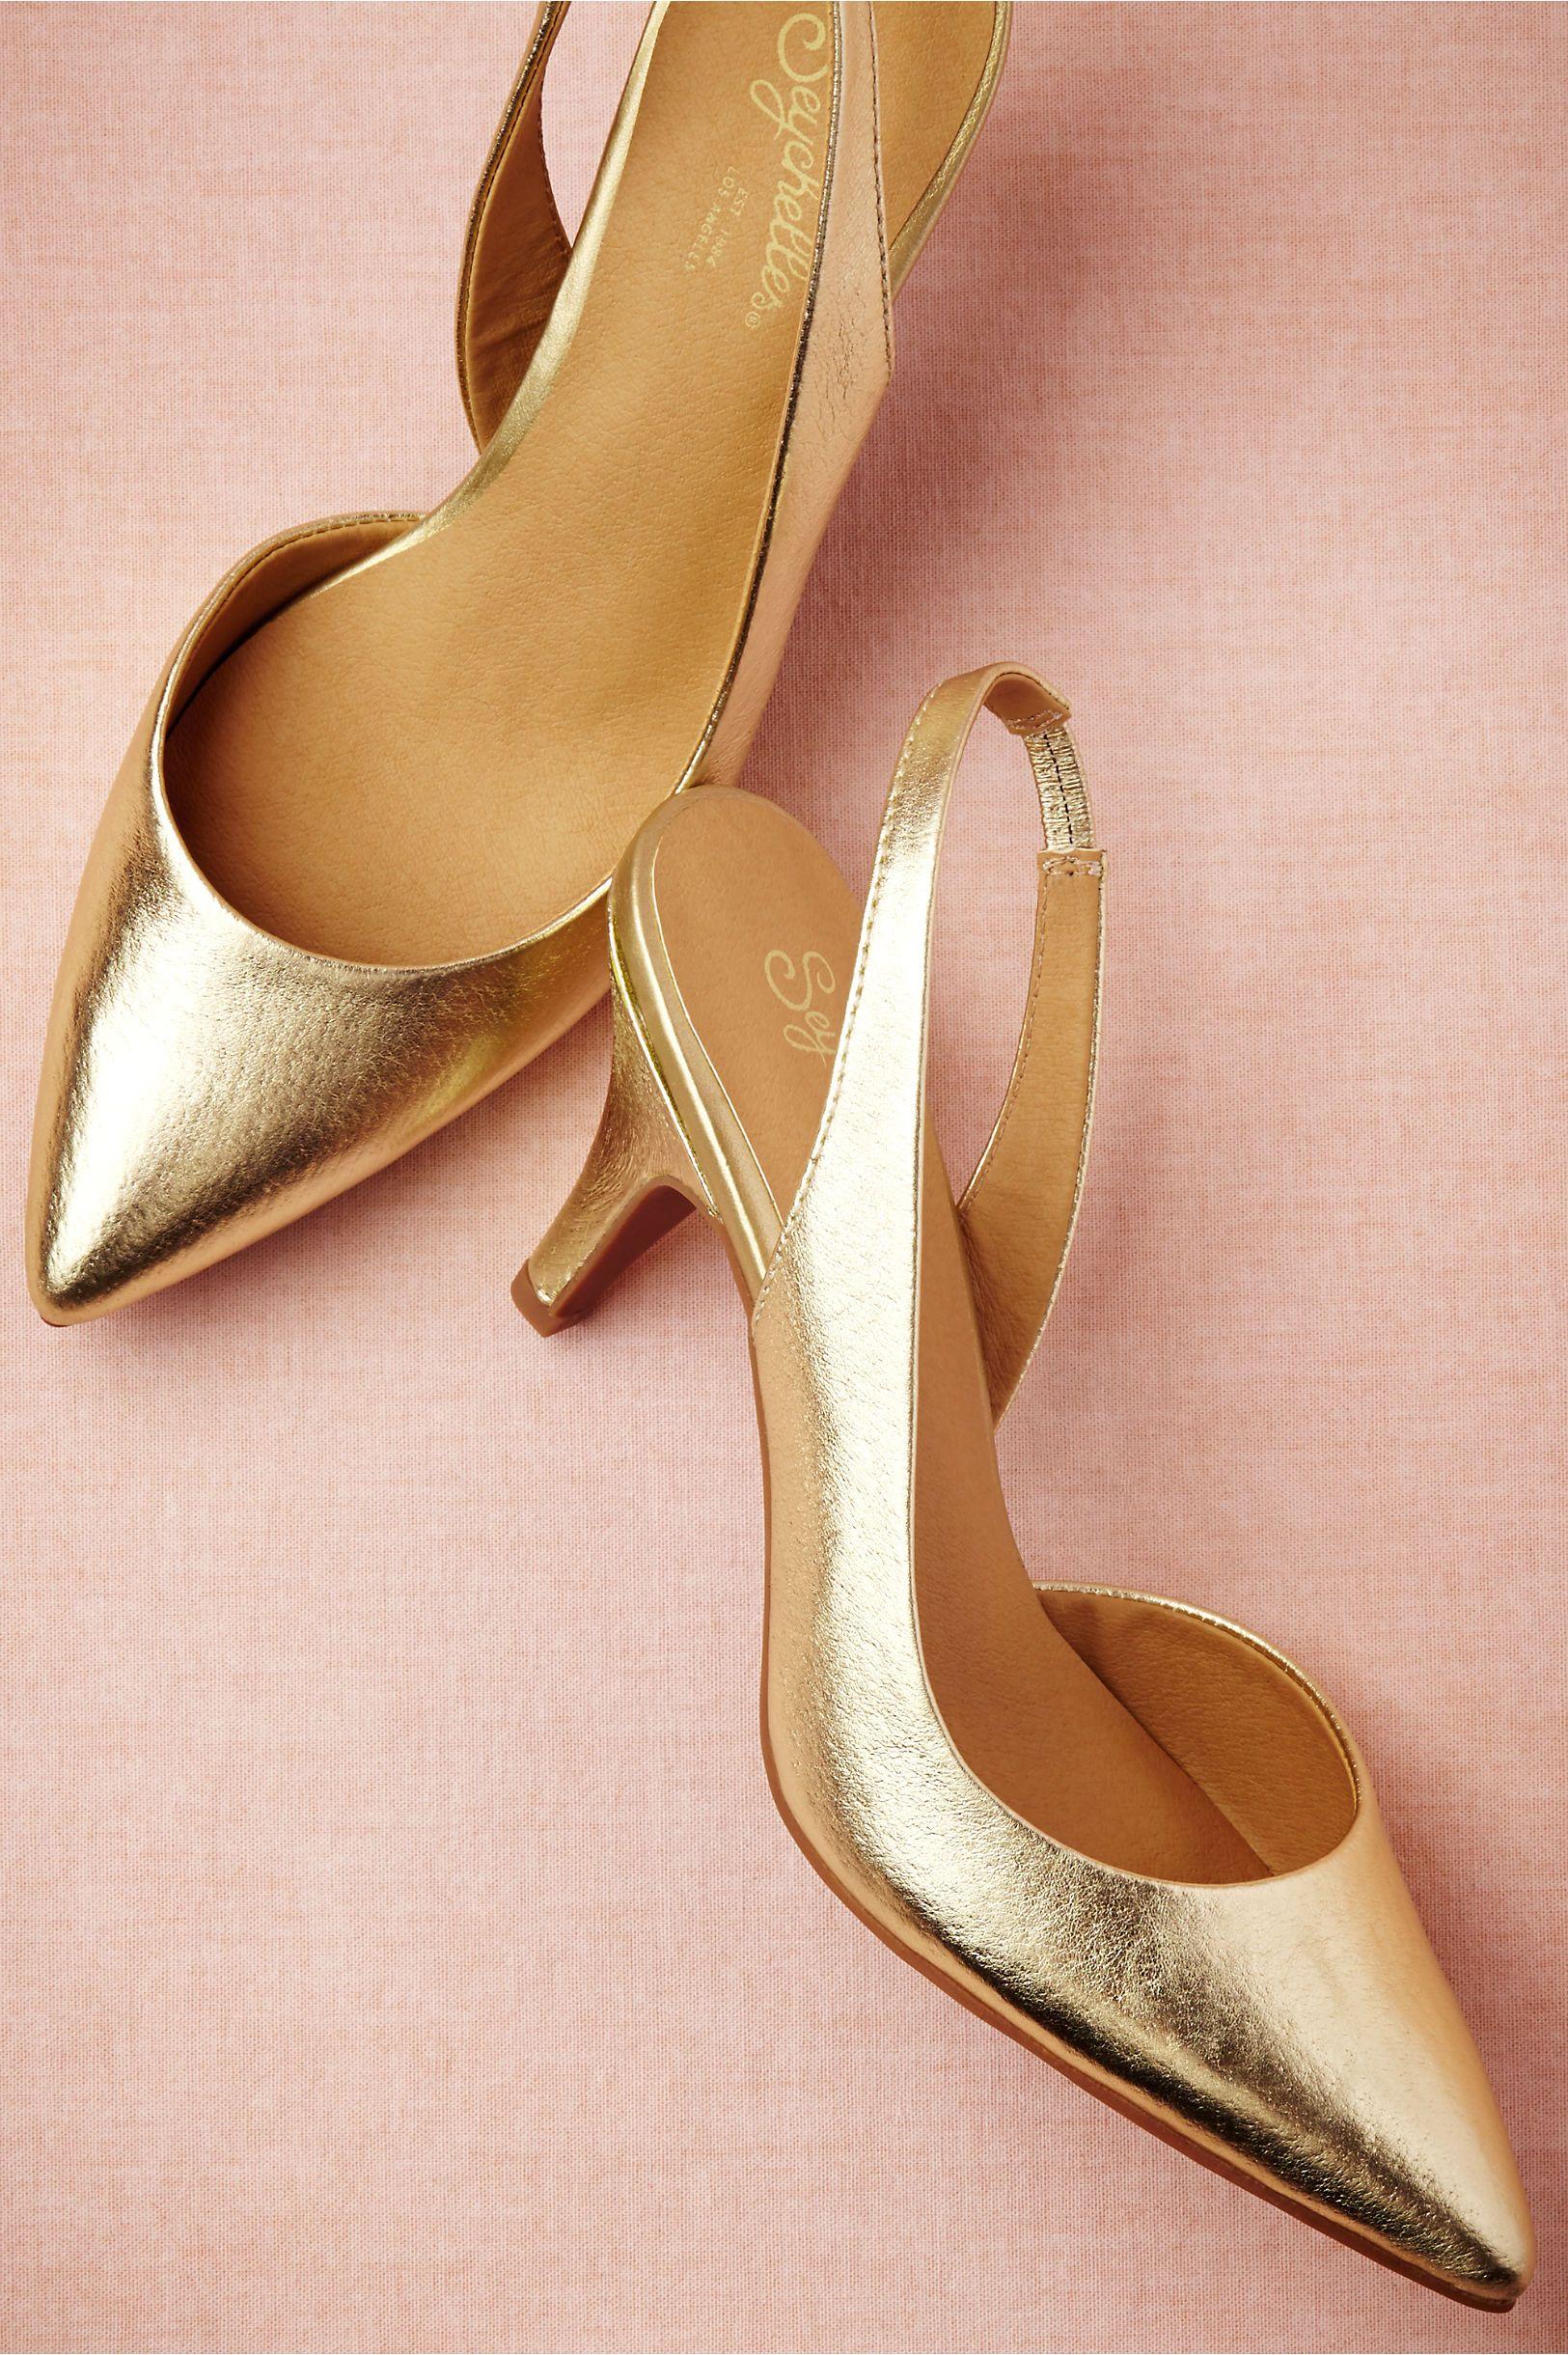 Golden Hour Sling Backs Bridal Shoes Gold Shoes Kitten Heel Shoes